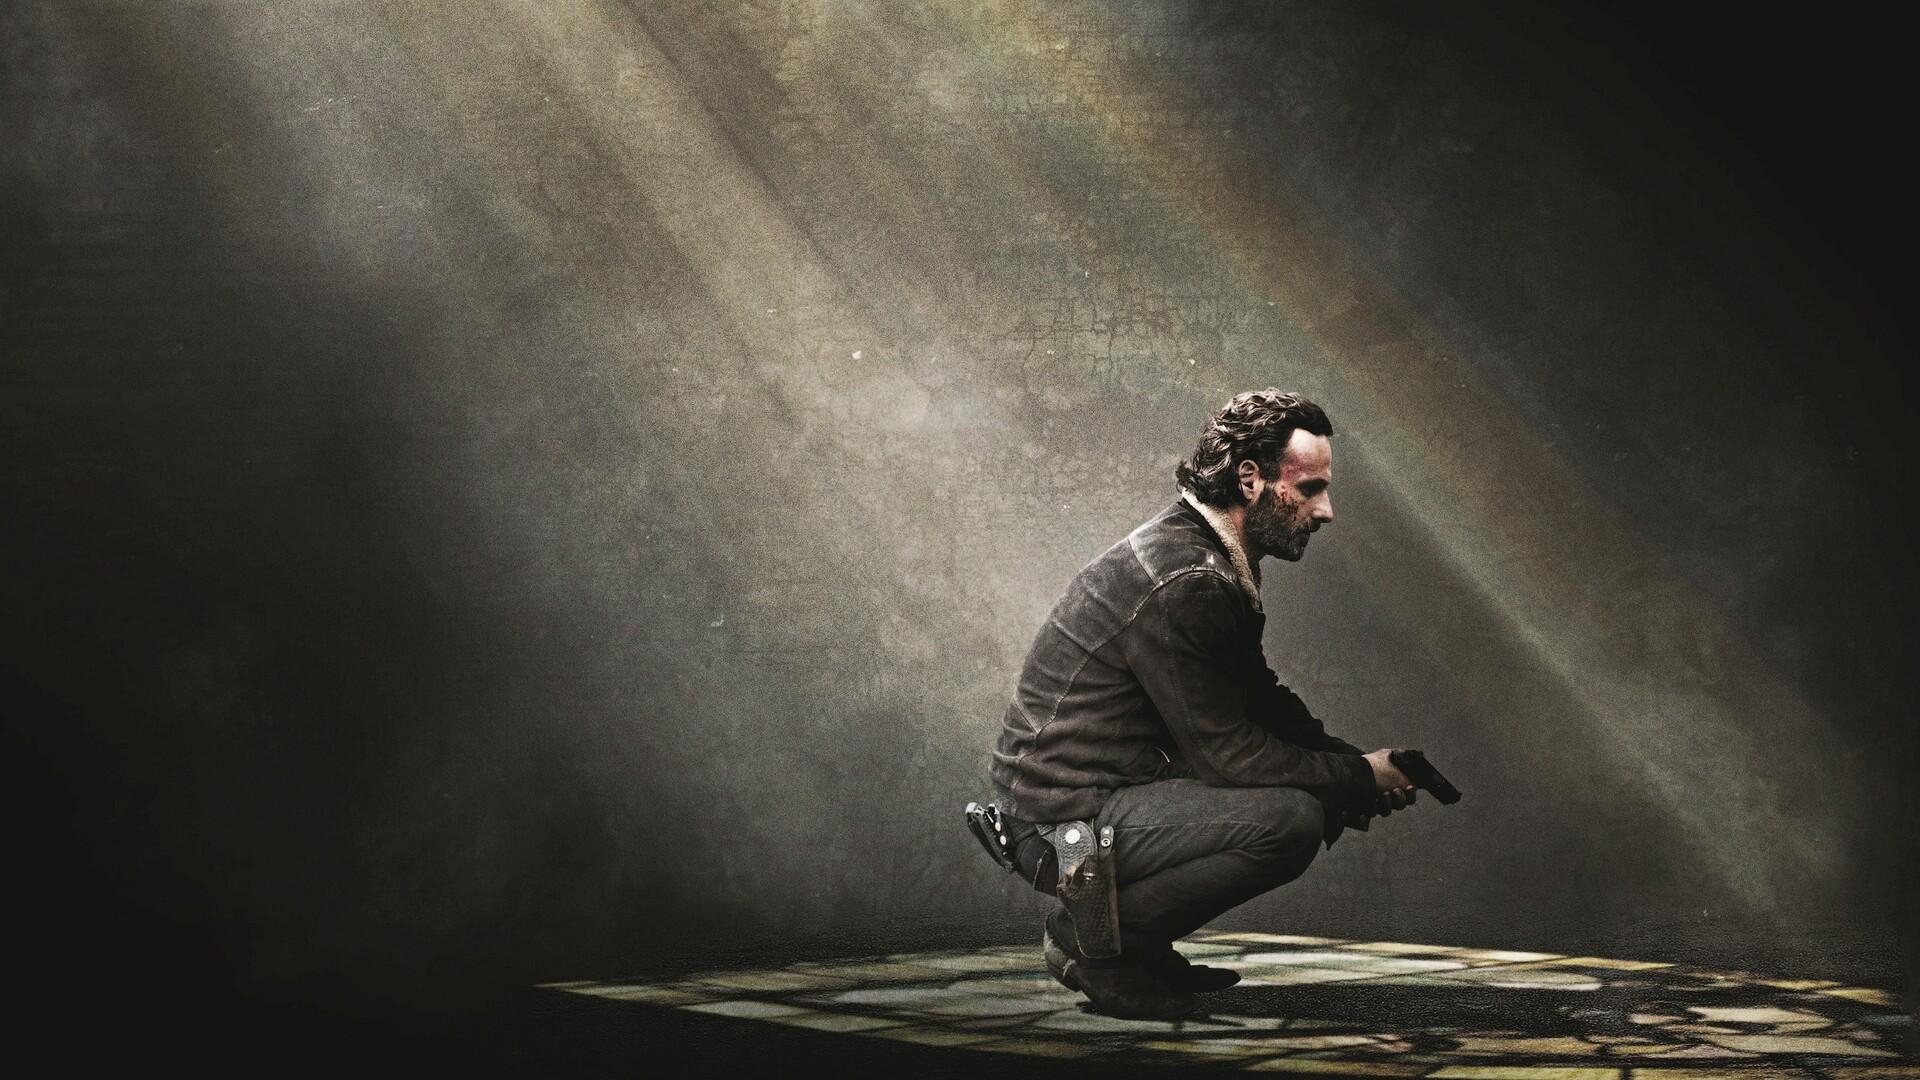 1920x1080 Rick Grimes The Walking Dead Laptop Full Hd 1080p Hd 4k